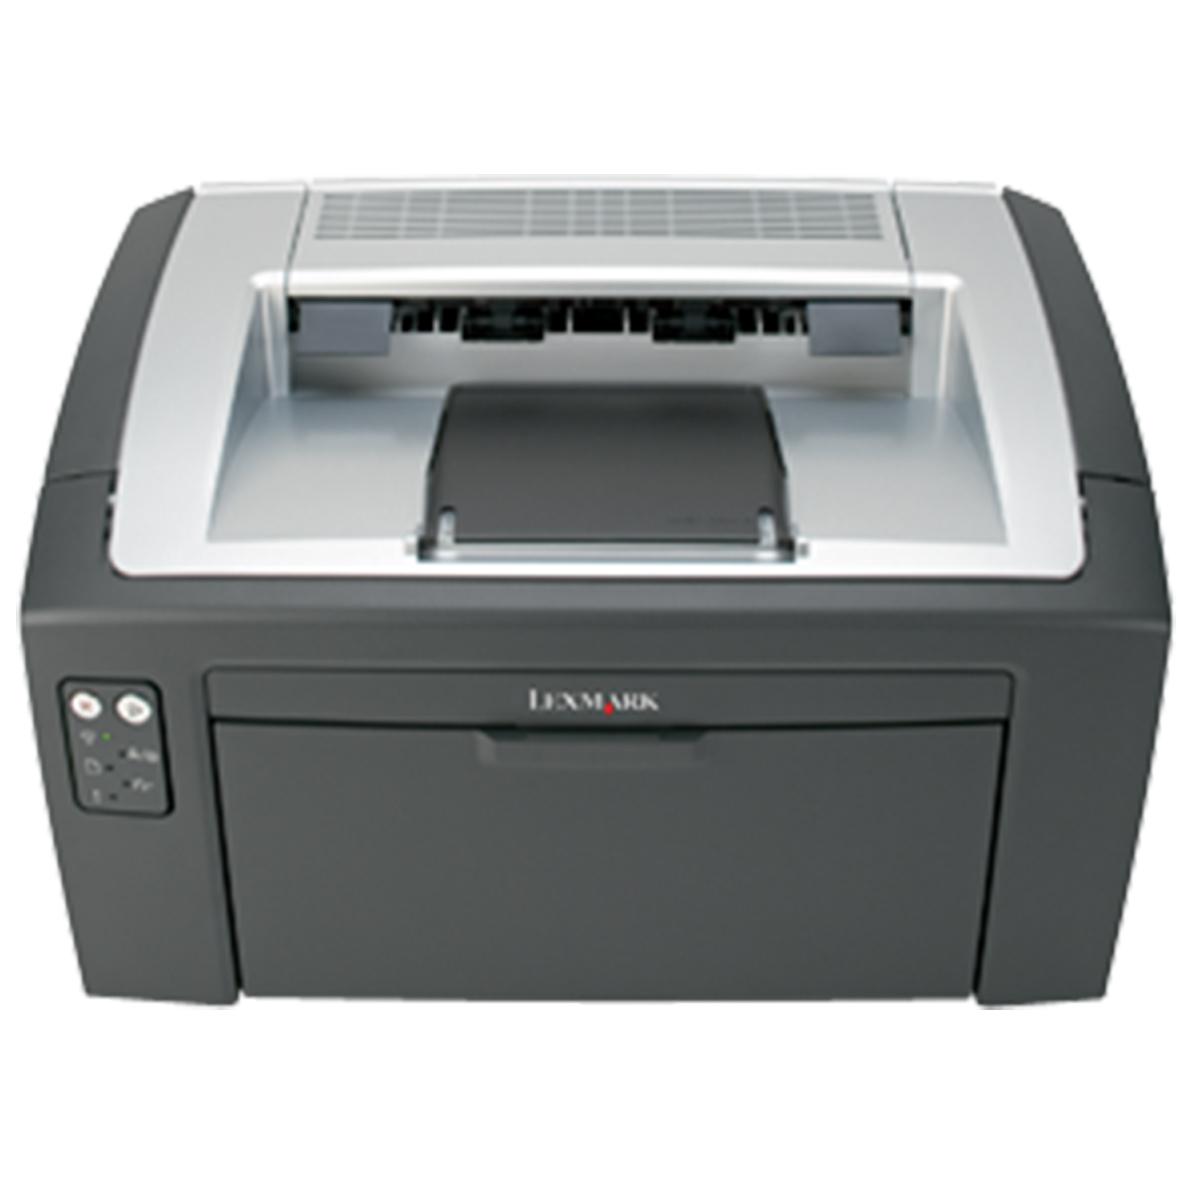 Impressora Laser Monocromática Lexmark E120N COM Toner - Seminova